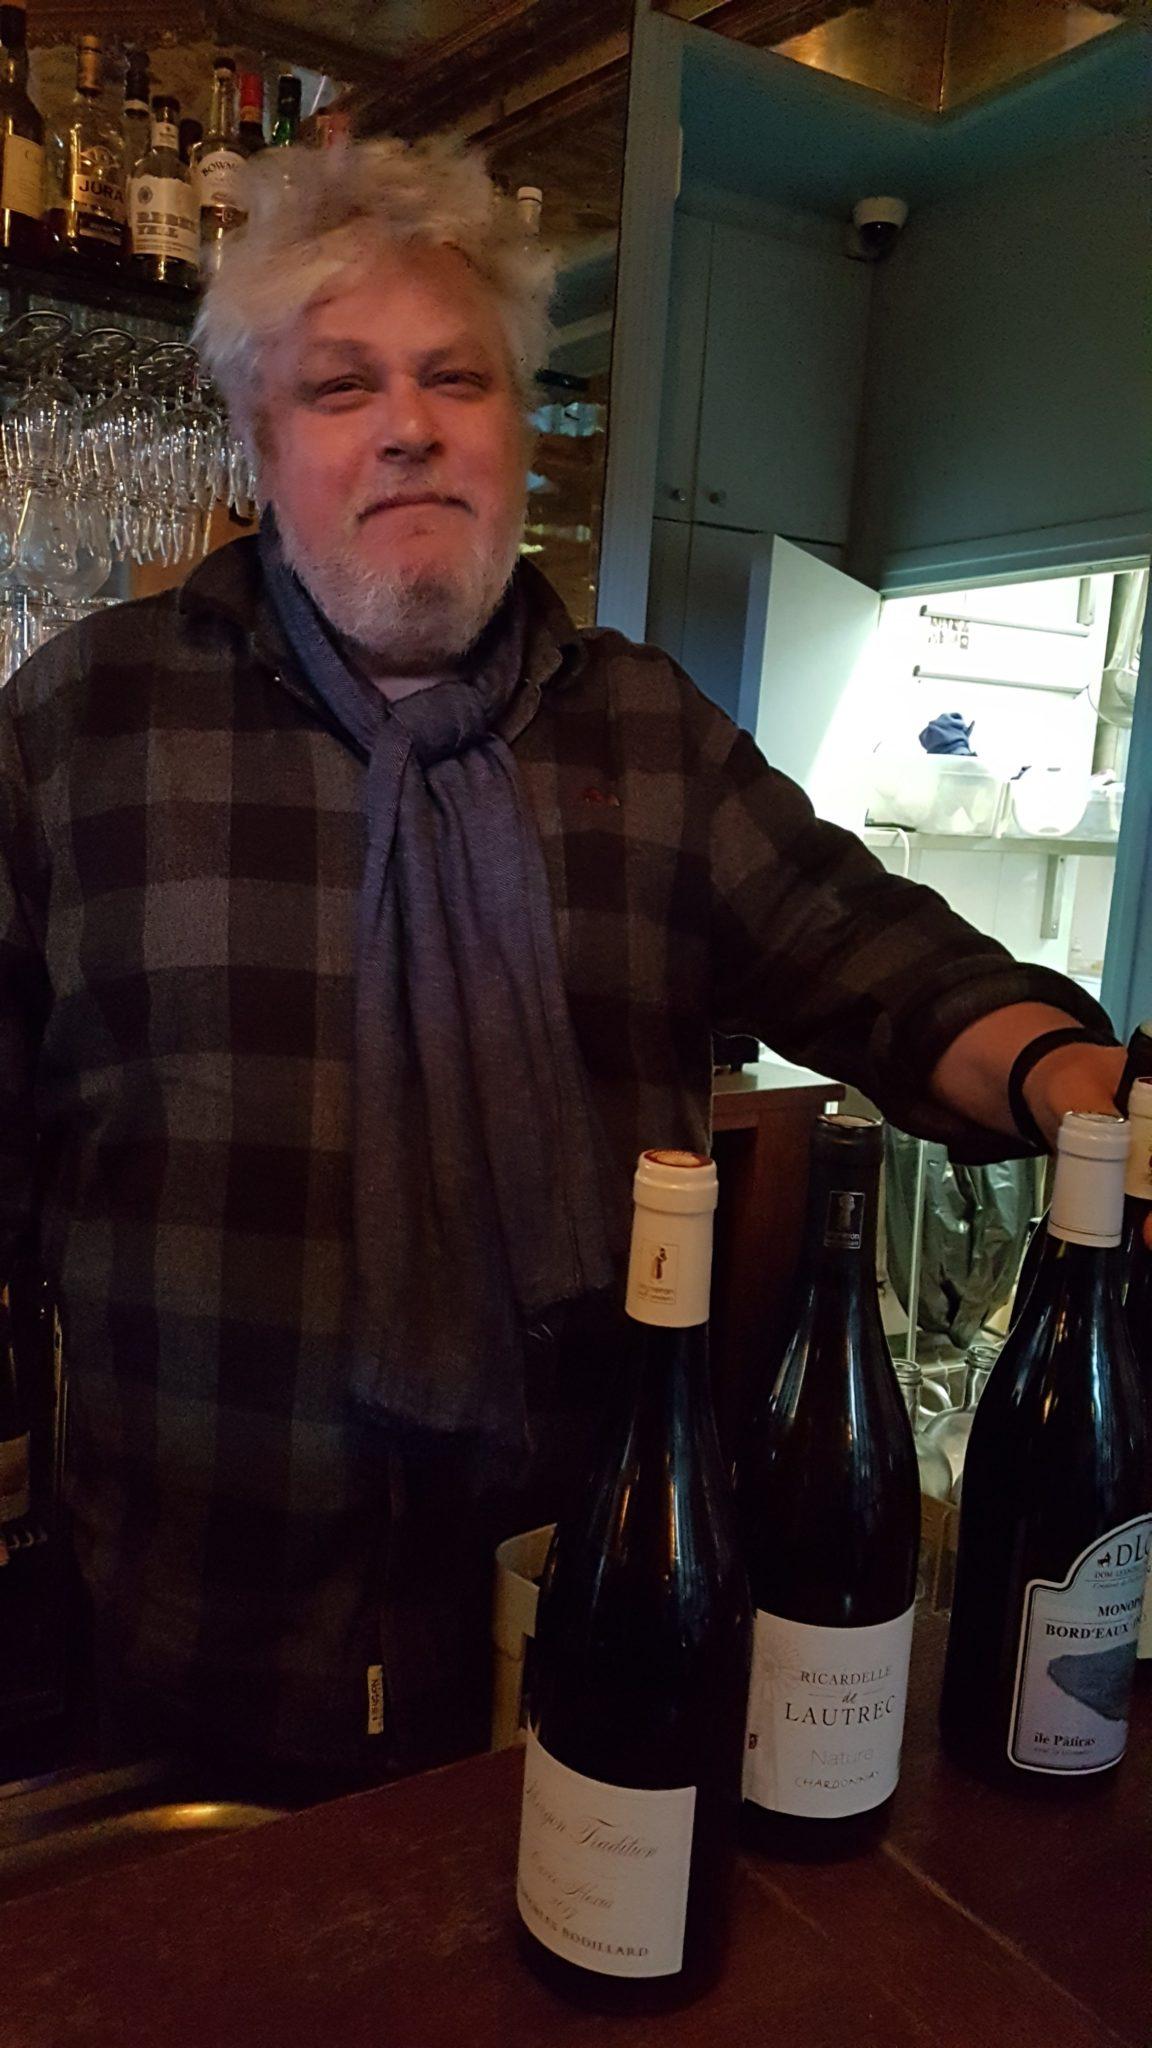 Élevé à Vincennes, devenu comédien et scénariste, Vincent Solignac a toujours voulu travailler dans l'univers des vins. Ce souhait est devenu une réalité